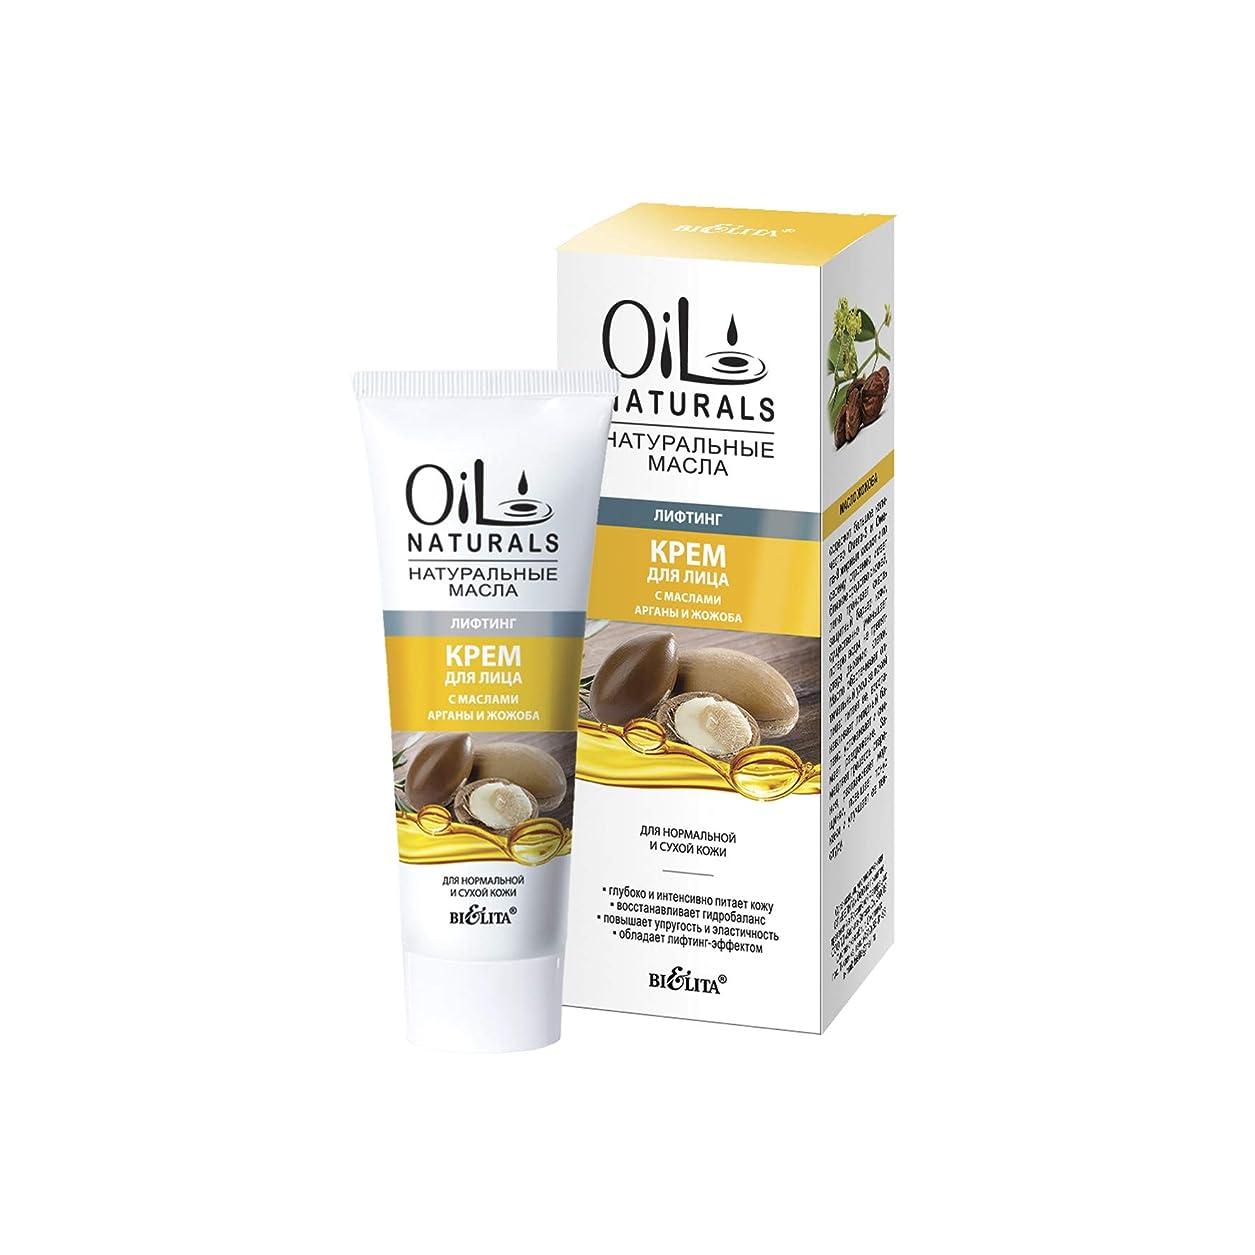 ベル知らせる勇気Bielita & Vitex   Argan Oil, Jojoba Oil Moisturising Cream for the Face 50ml   Intensive Moisturizer With Natural Cosmetic Oils for Normal and Dry Skin